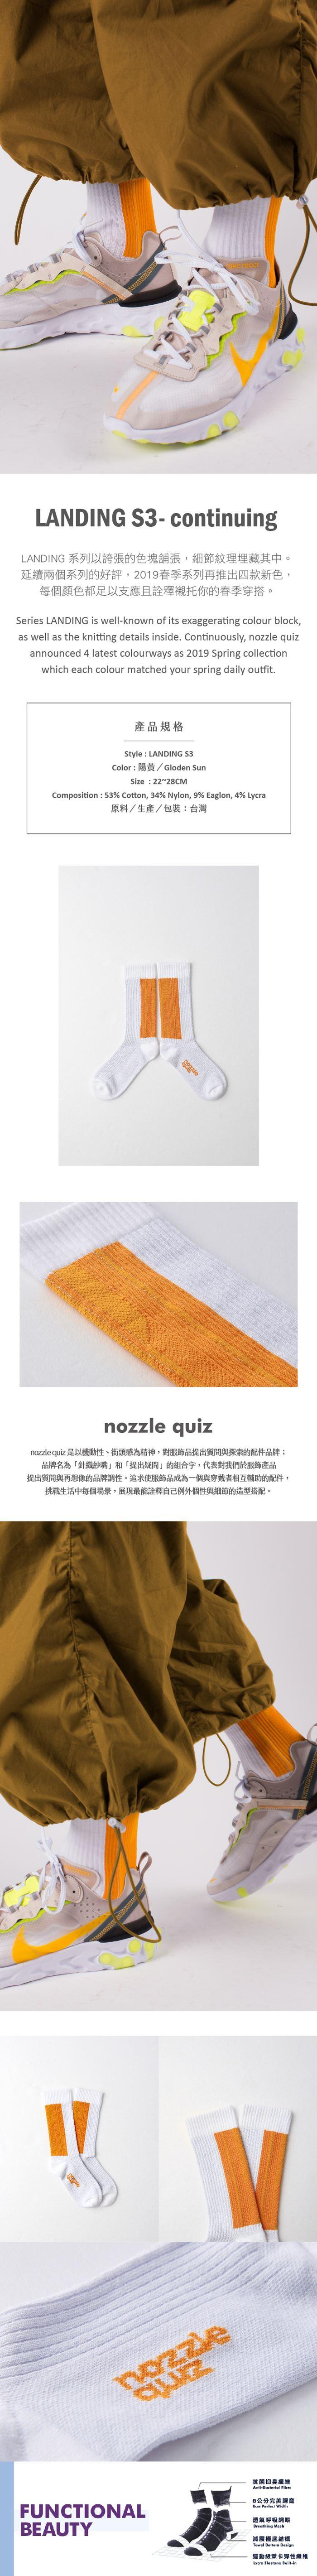 (複製)nozzle quiz│LANDING S3 粉藍 - 中高筒休閒襪